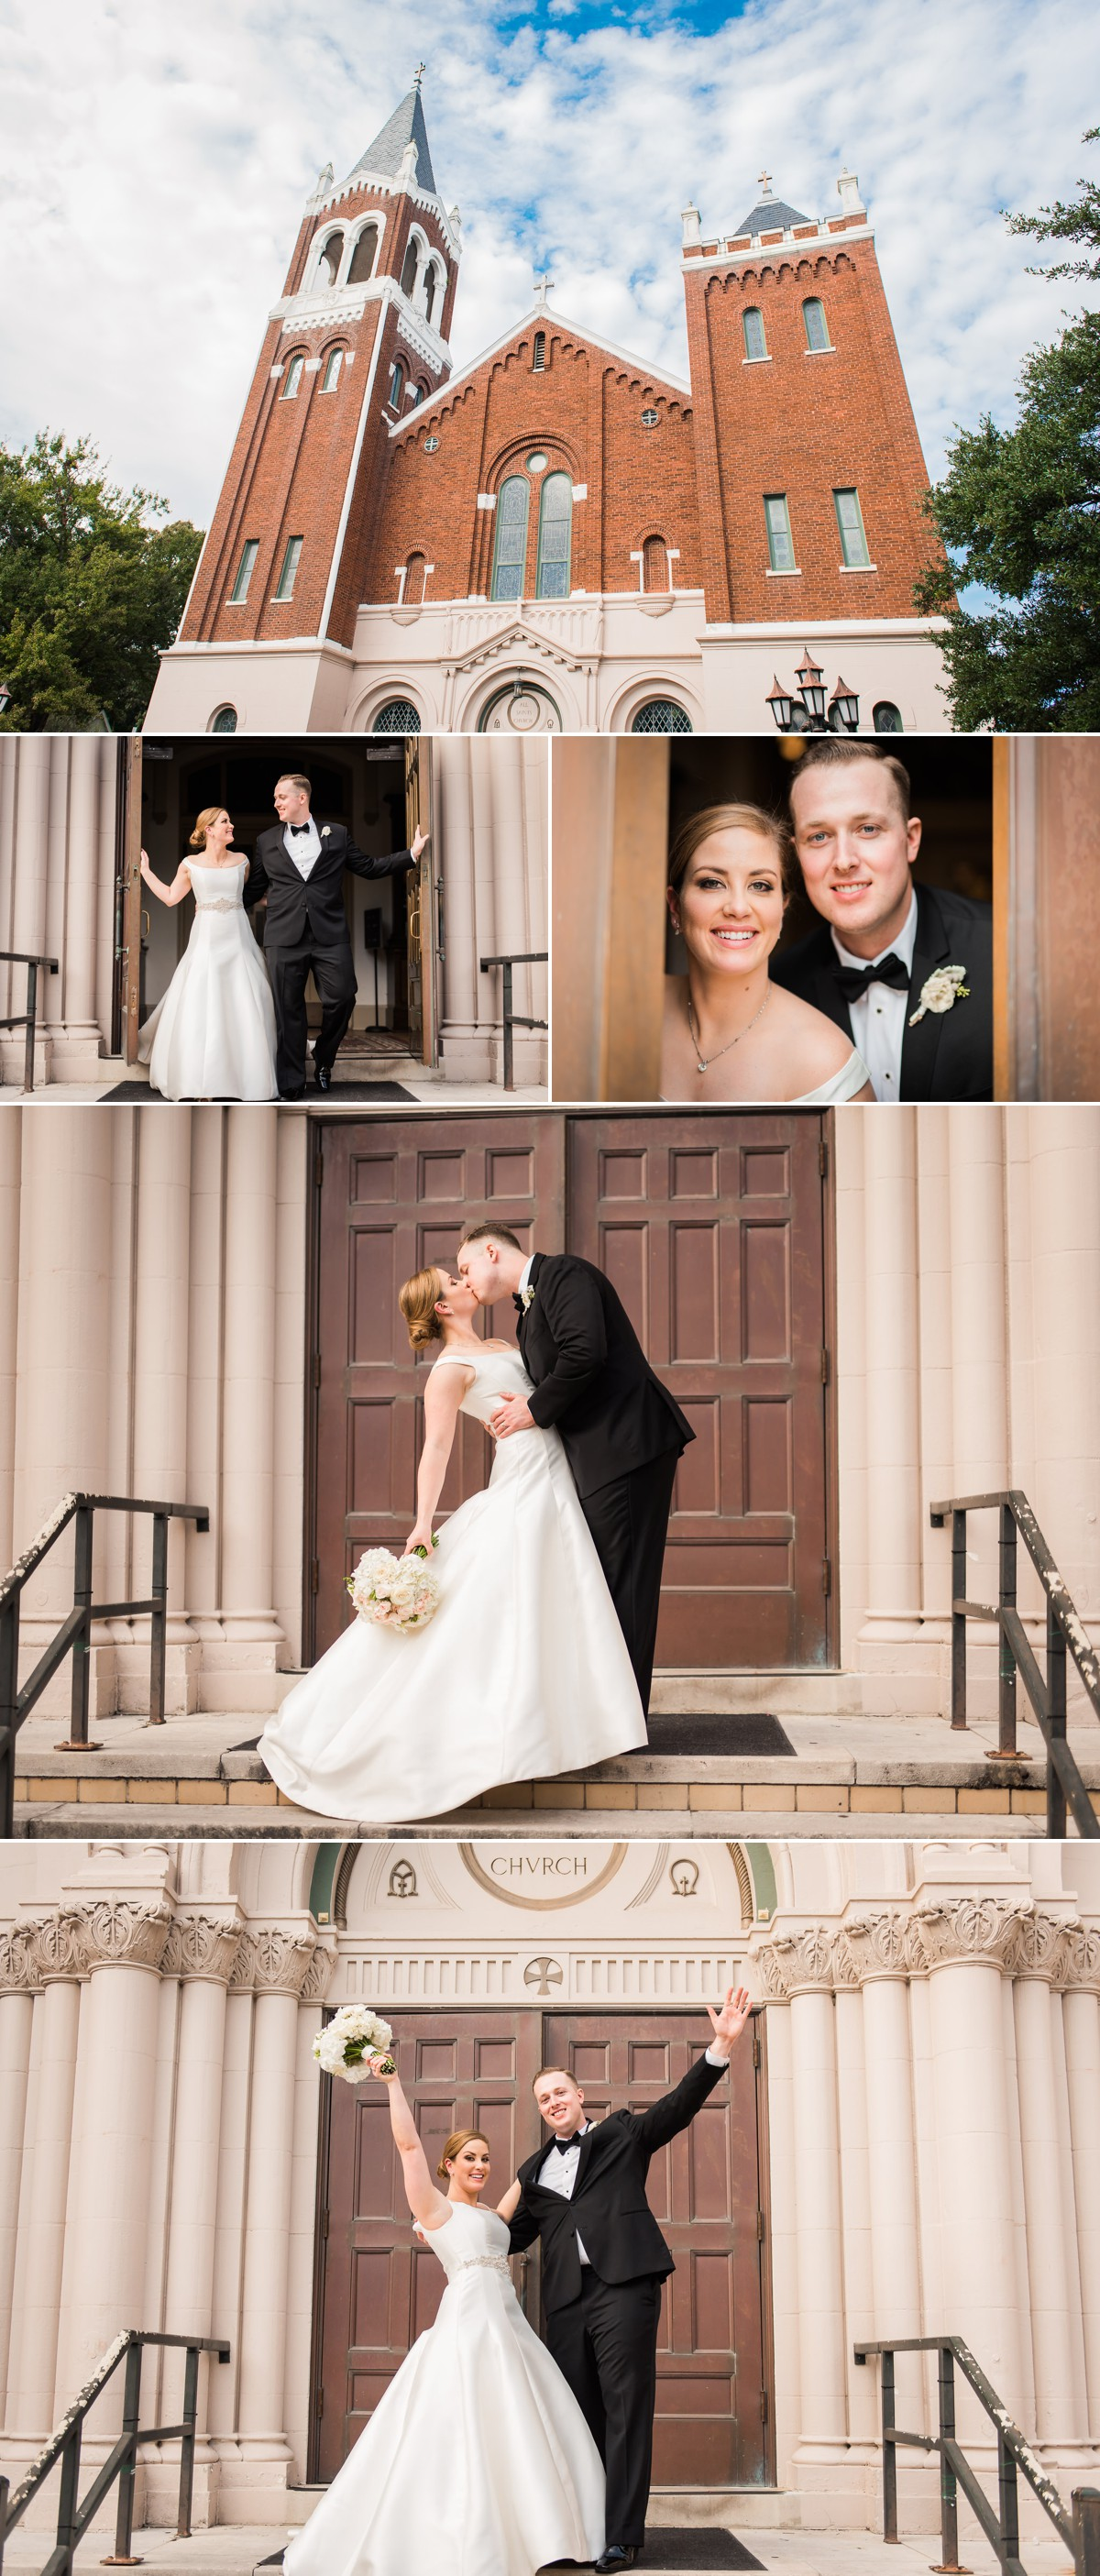 Lauren & Ben Wedding Photos